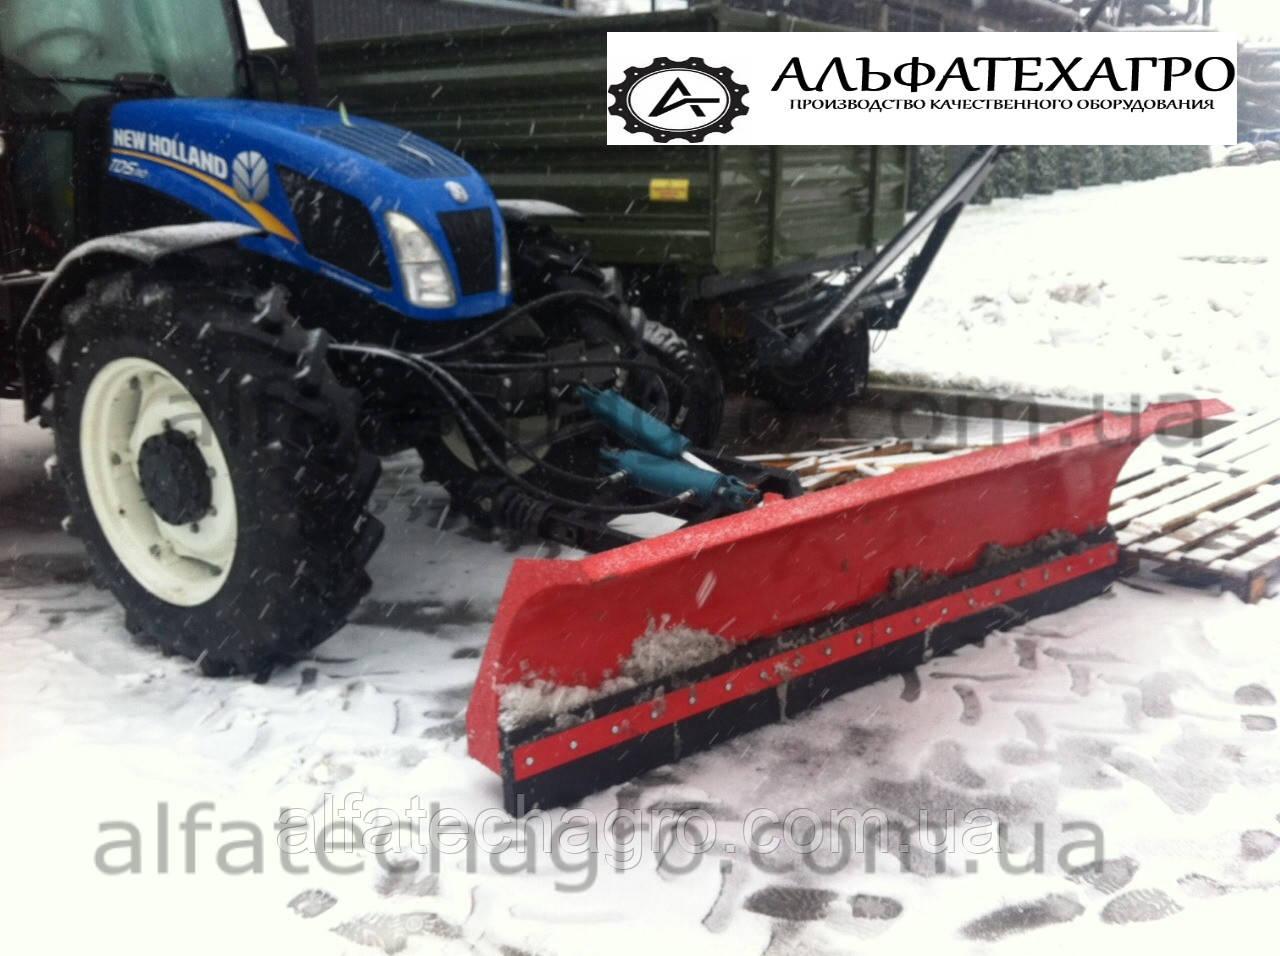 Отвалы снегоуборочные для всех видов техники